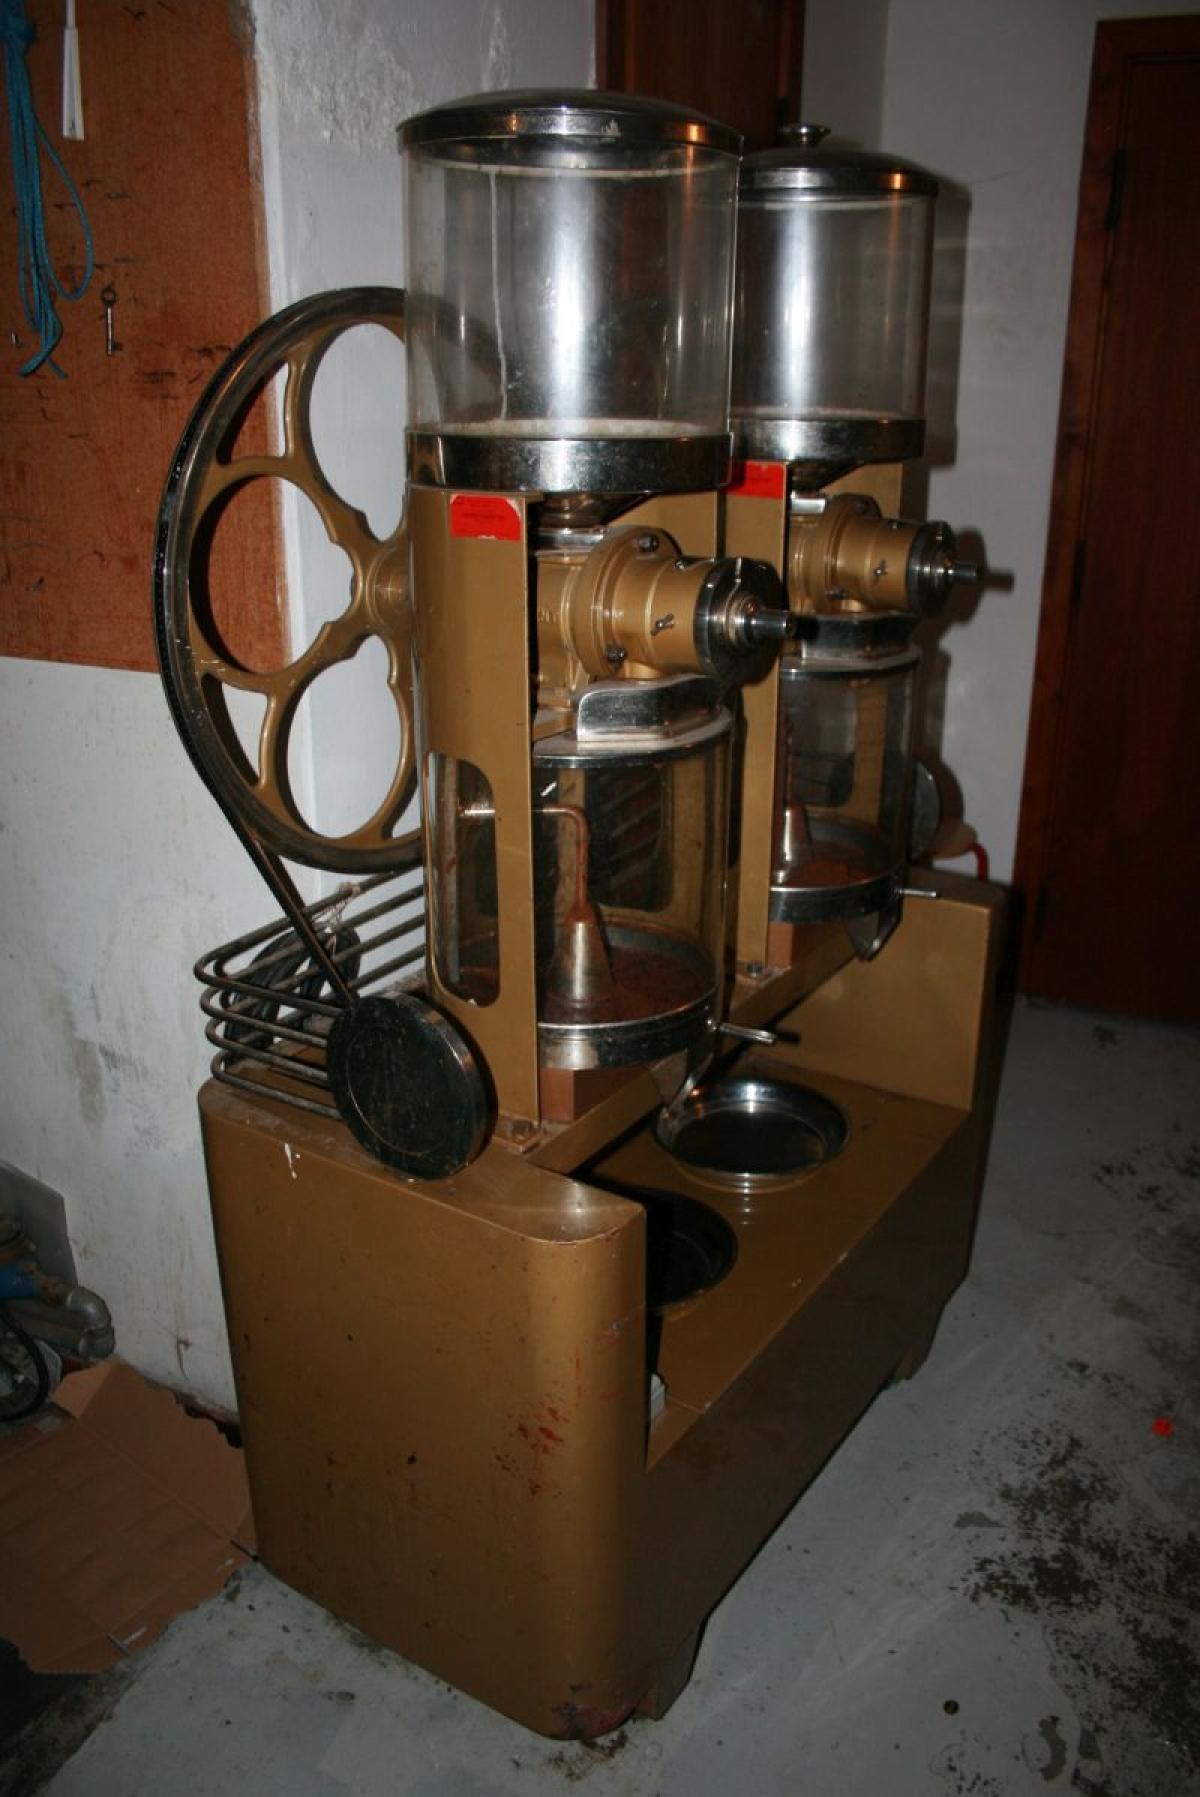 Ekstra Dobbelt kaffemølle Mrk. AJCOSAN, mindre elektrisk fejl (vil ikke DB86